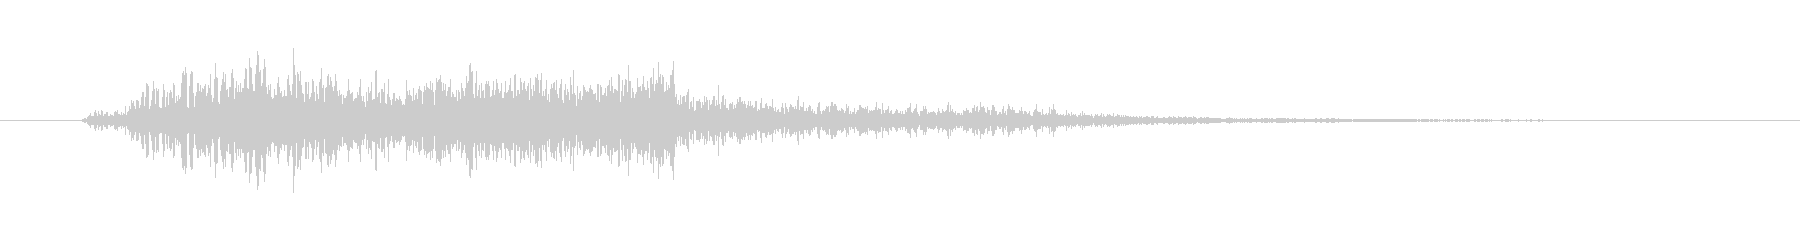 スペル フロートスタート02の未再生の波形